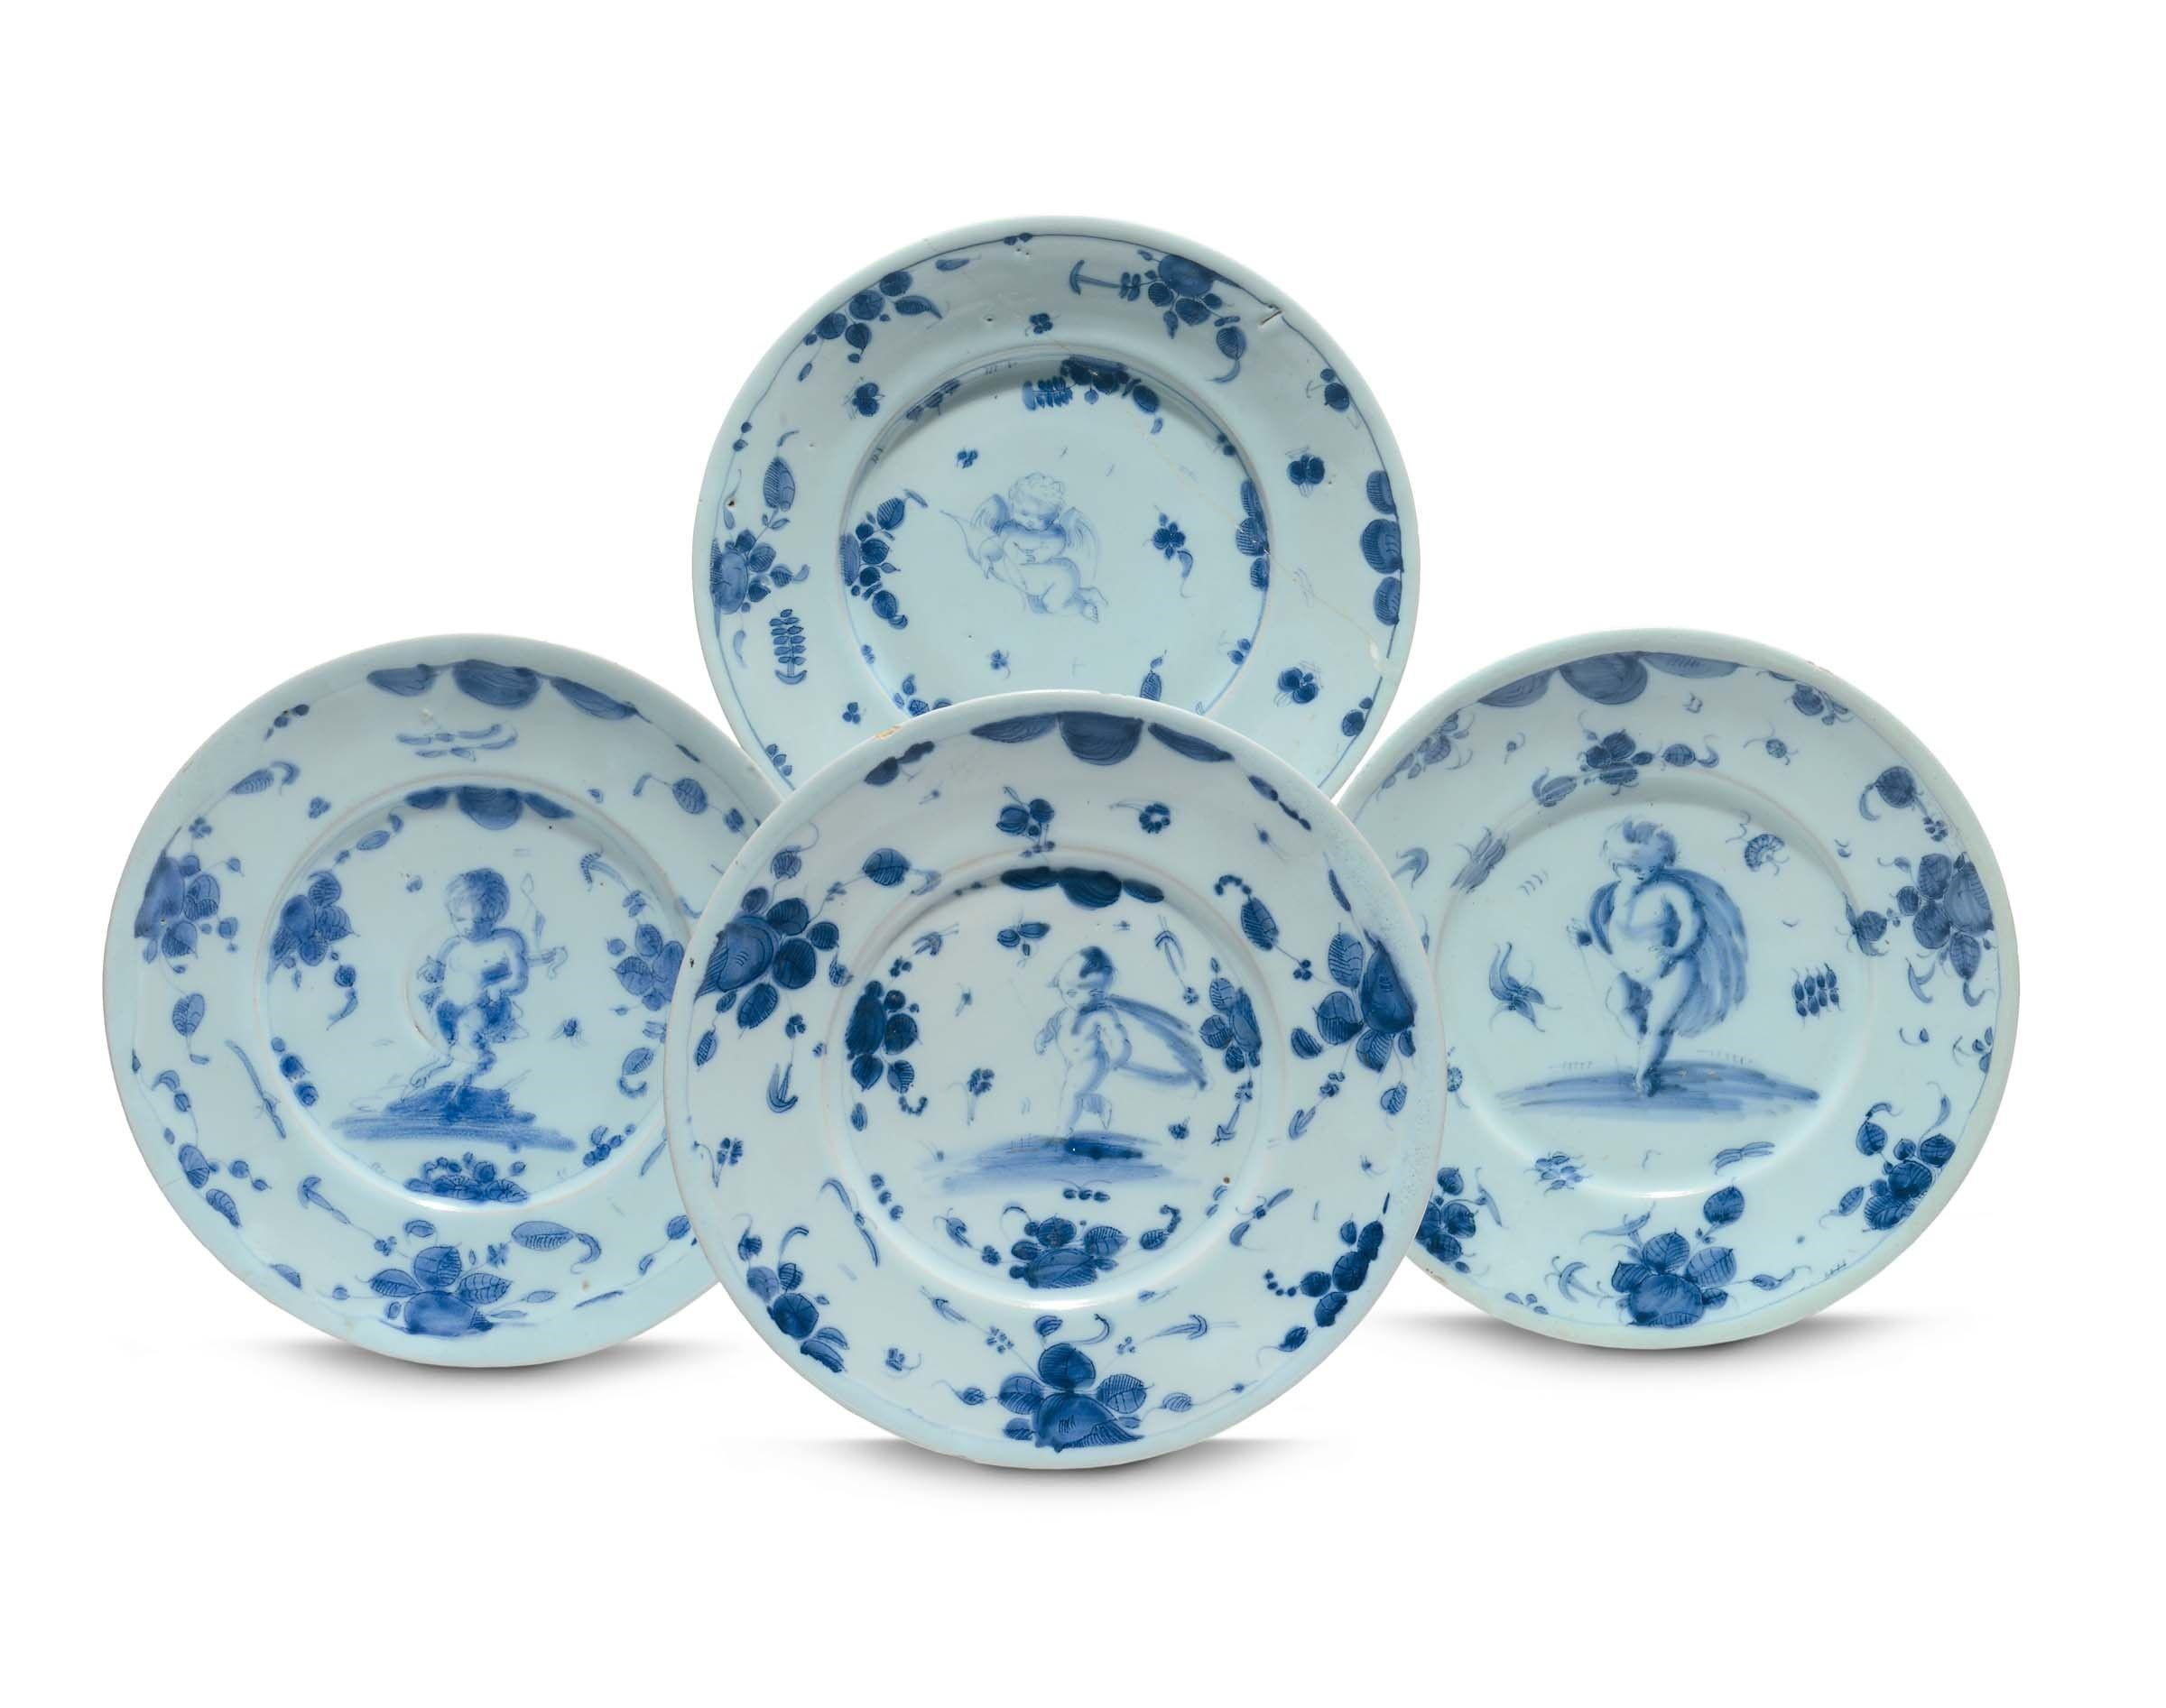 Quattro piatti in maiolica a decoro di fiori e figure savona marca